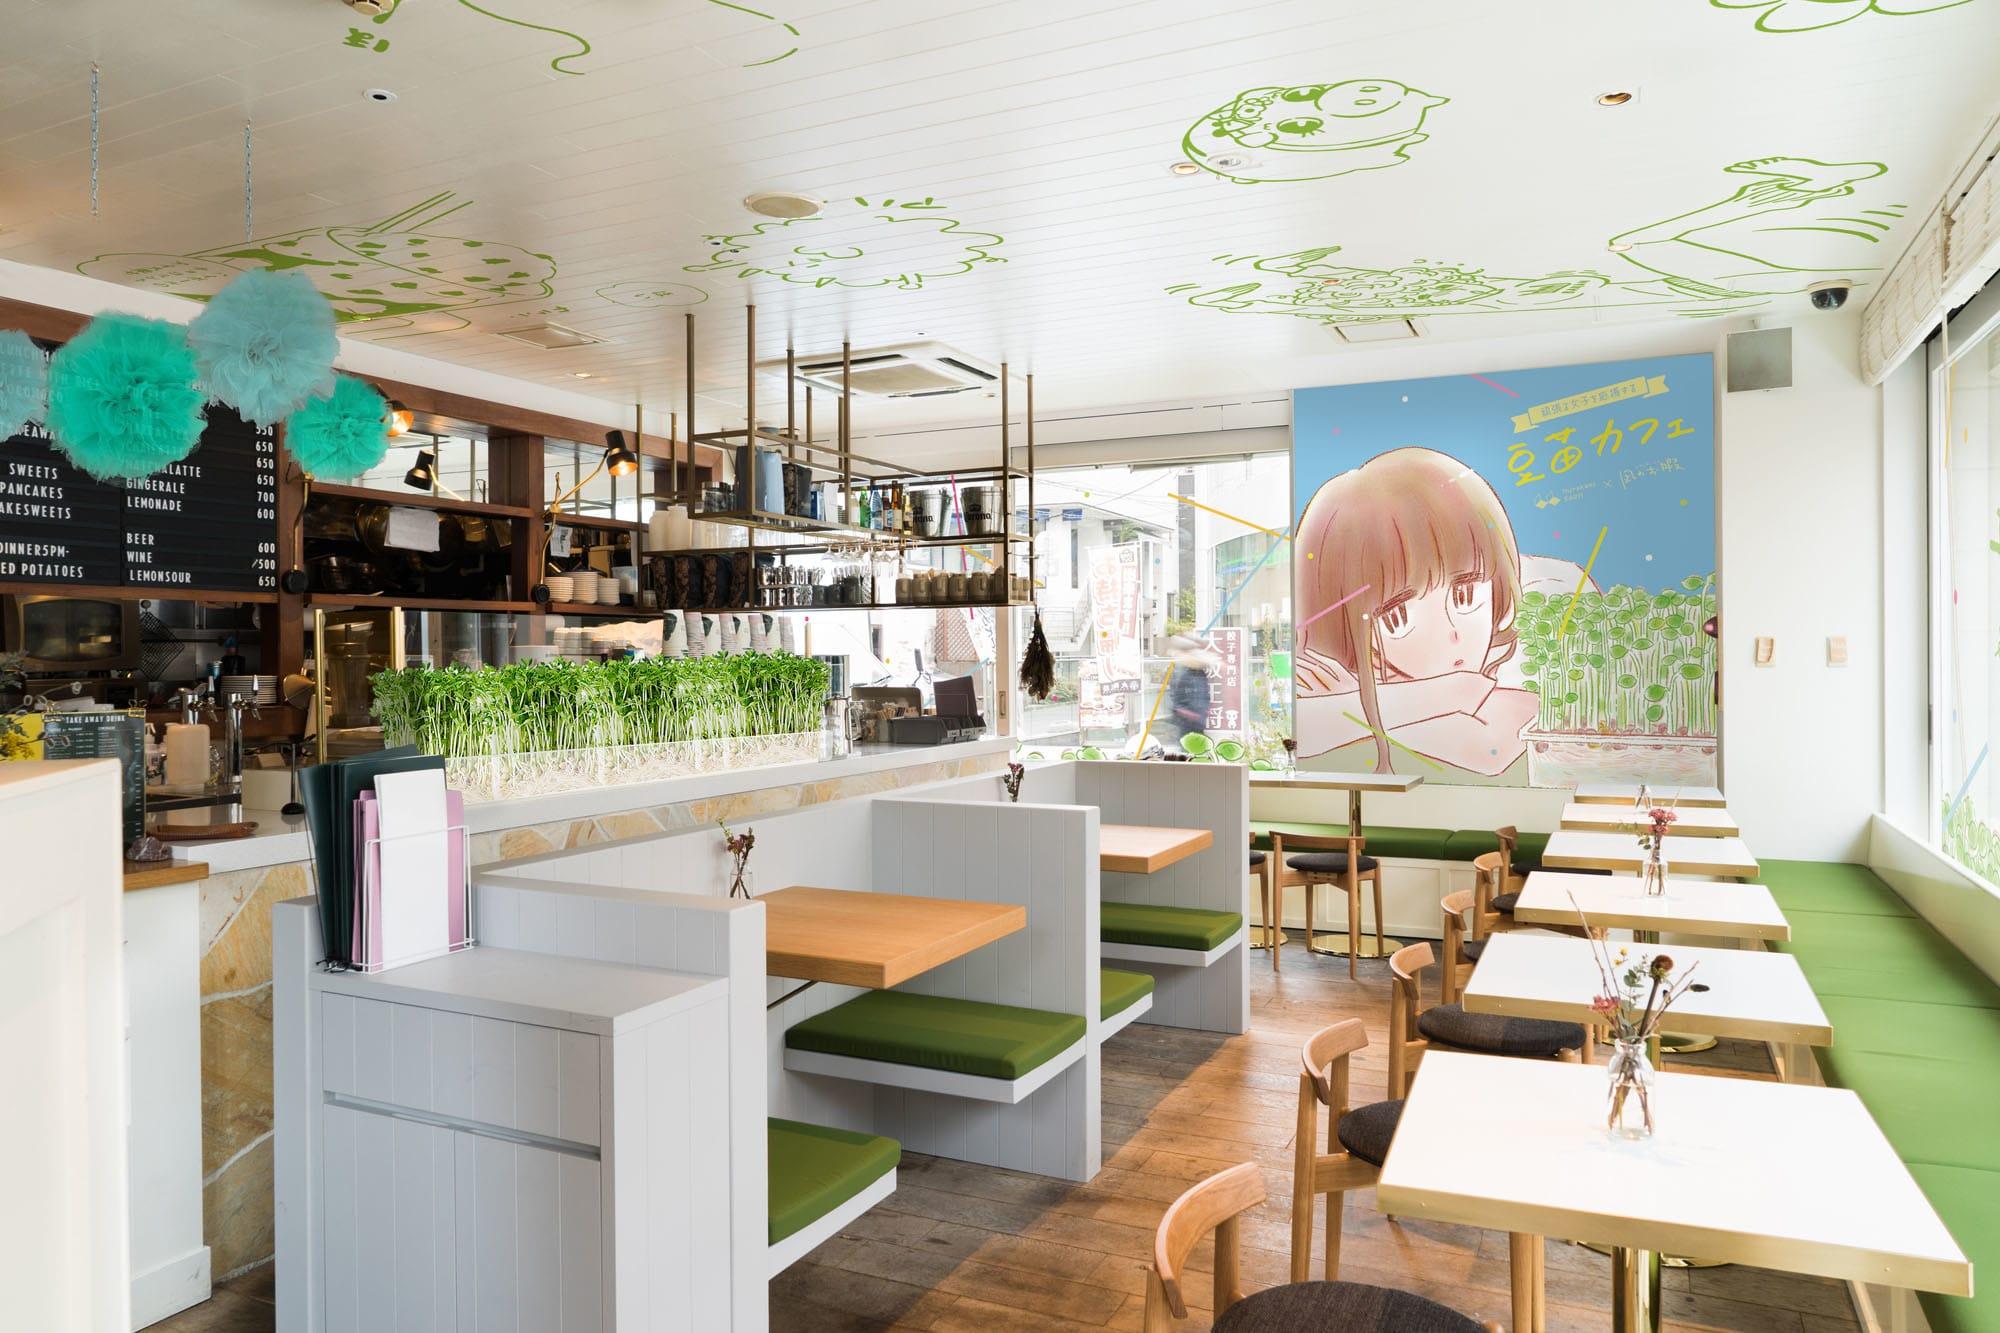 『凪のお暇』コラボカフェが期間限定オープン! 凪ちゃんが愛したあのメニューが食べれる!